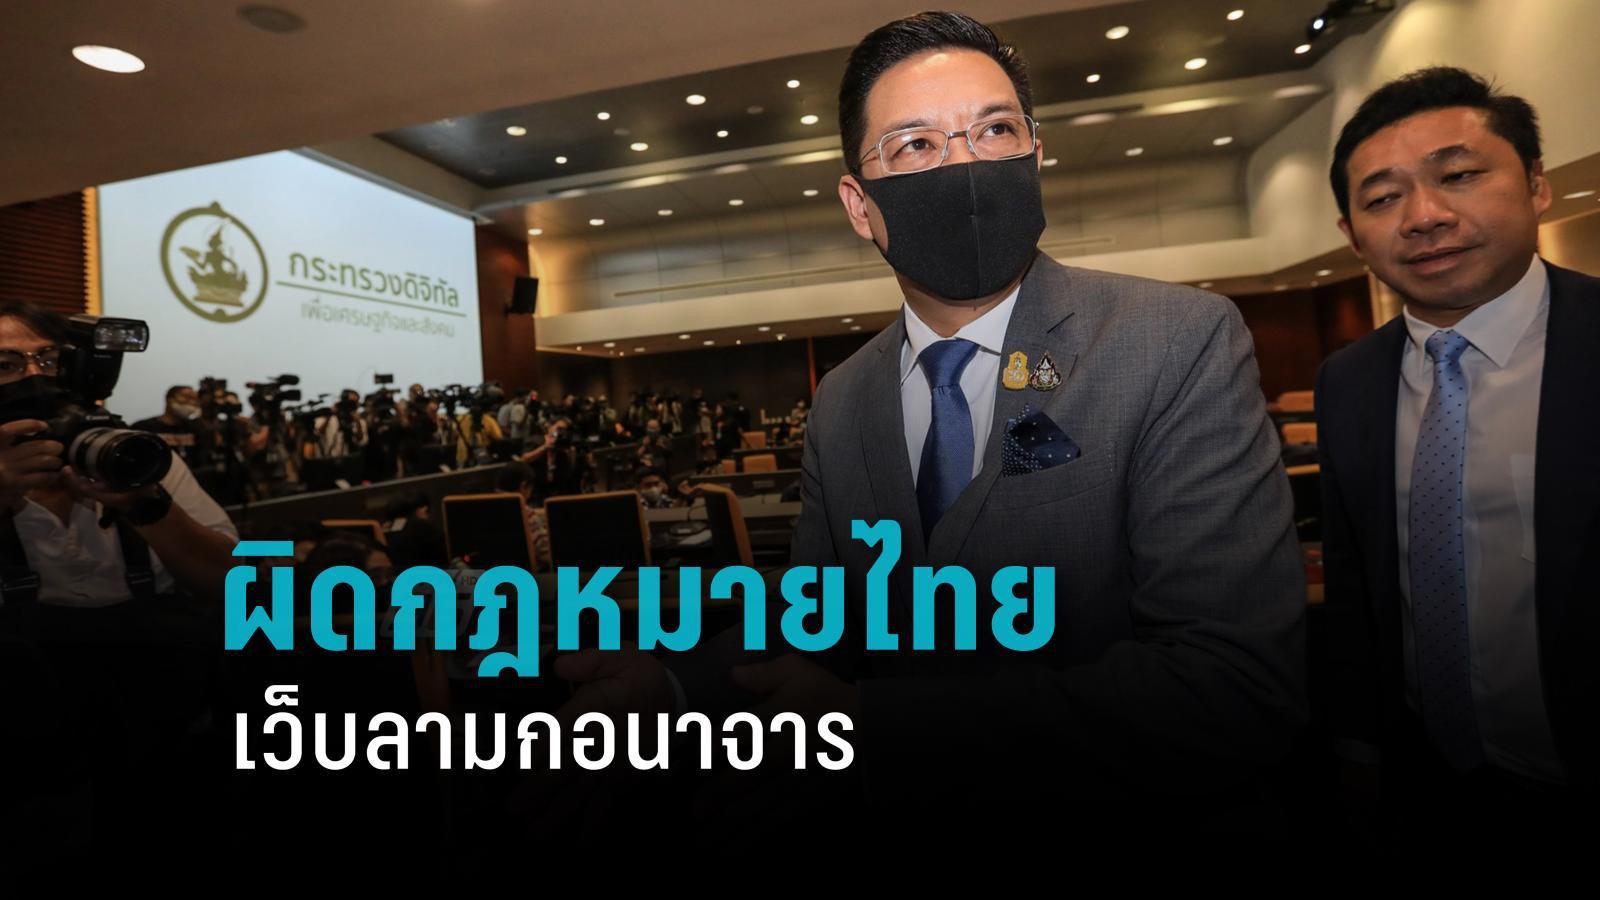 """""""พุทธิพงษ์"""" แจง ปิดเว็บโป๊ชื่อดัง เหตุ ผิดกฎหมายไทย"""